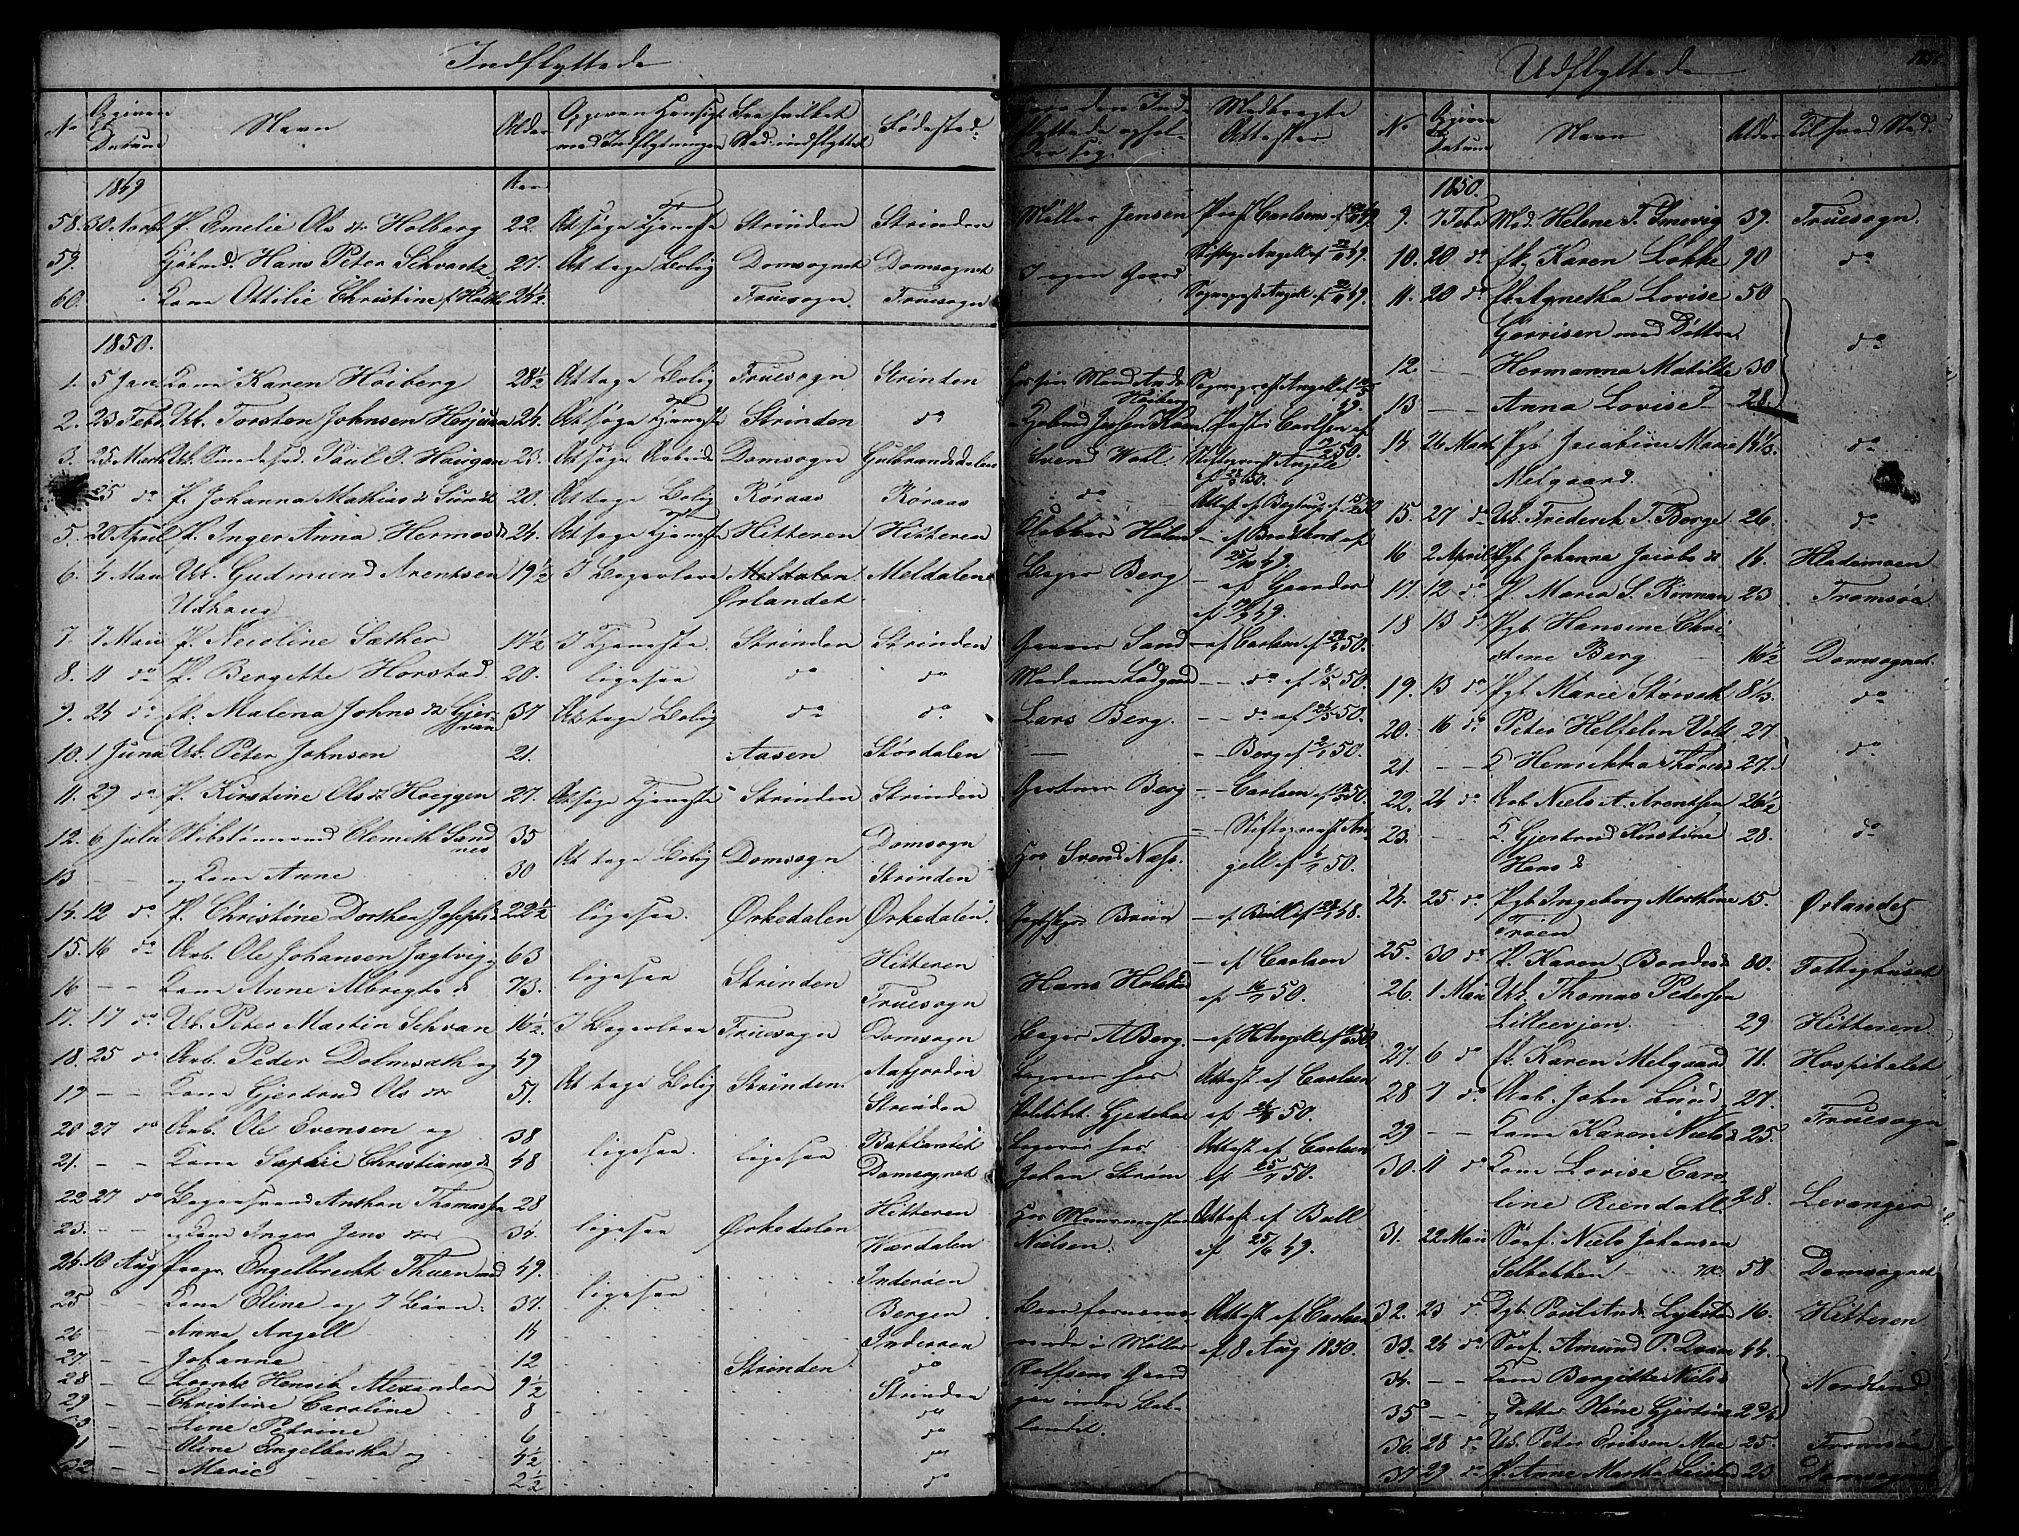 SAT, Ministerialprotokoller, klokkerbøker og fødselsregistre - Sør-Trøndelag, 604/L0182: Ministerialbok nr. 604A03, 1818-1850, s. 185b